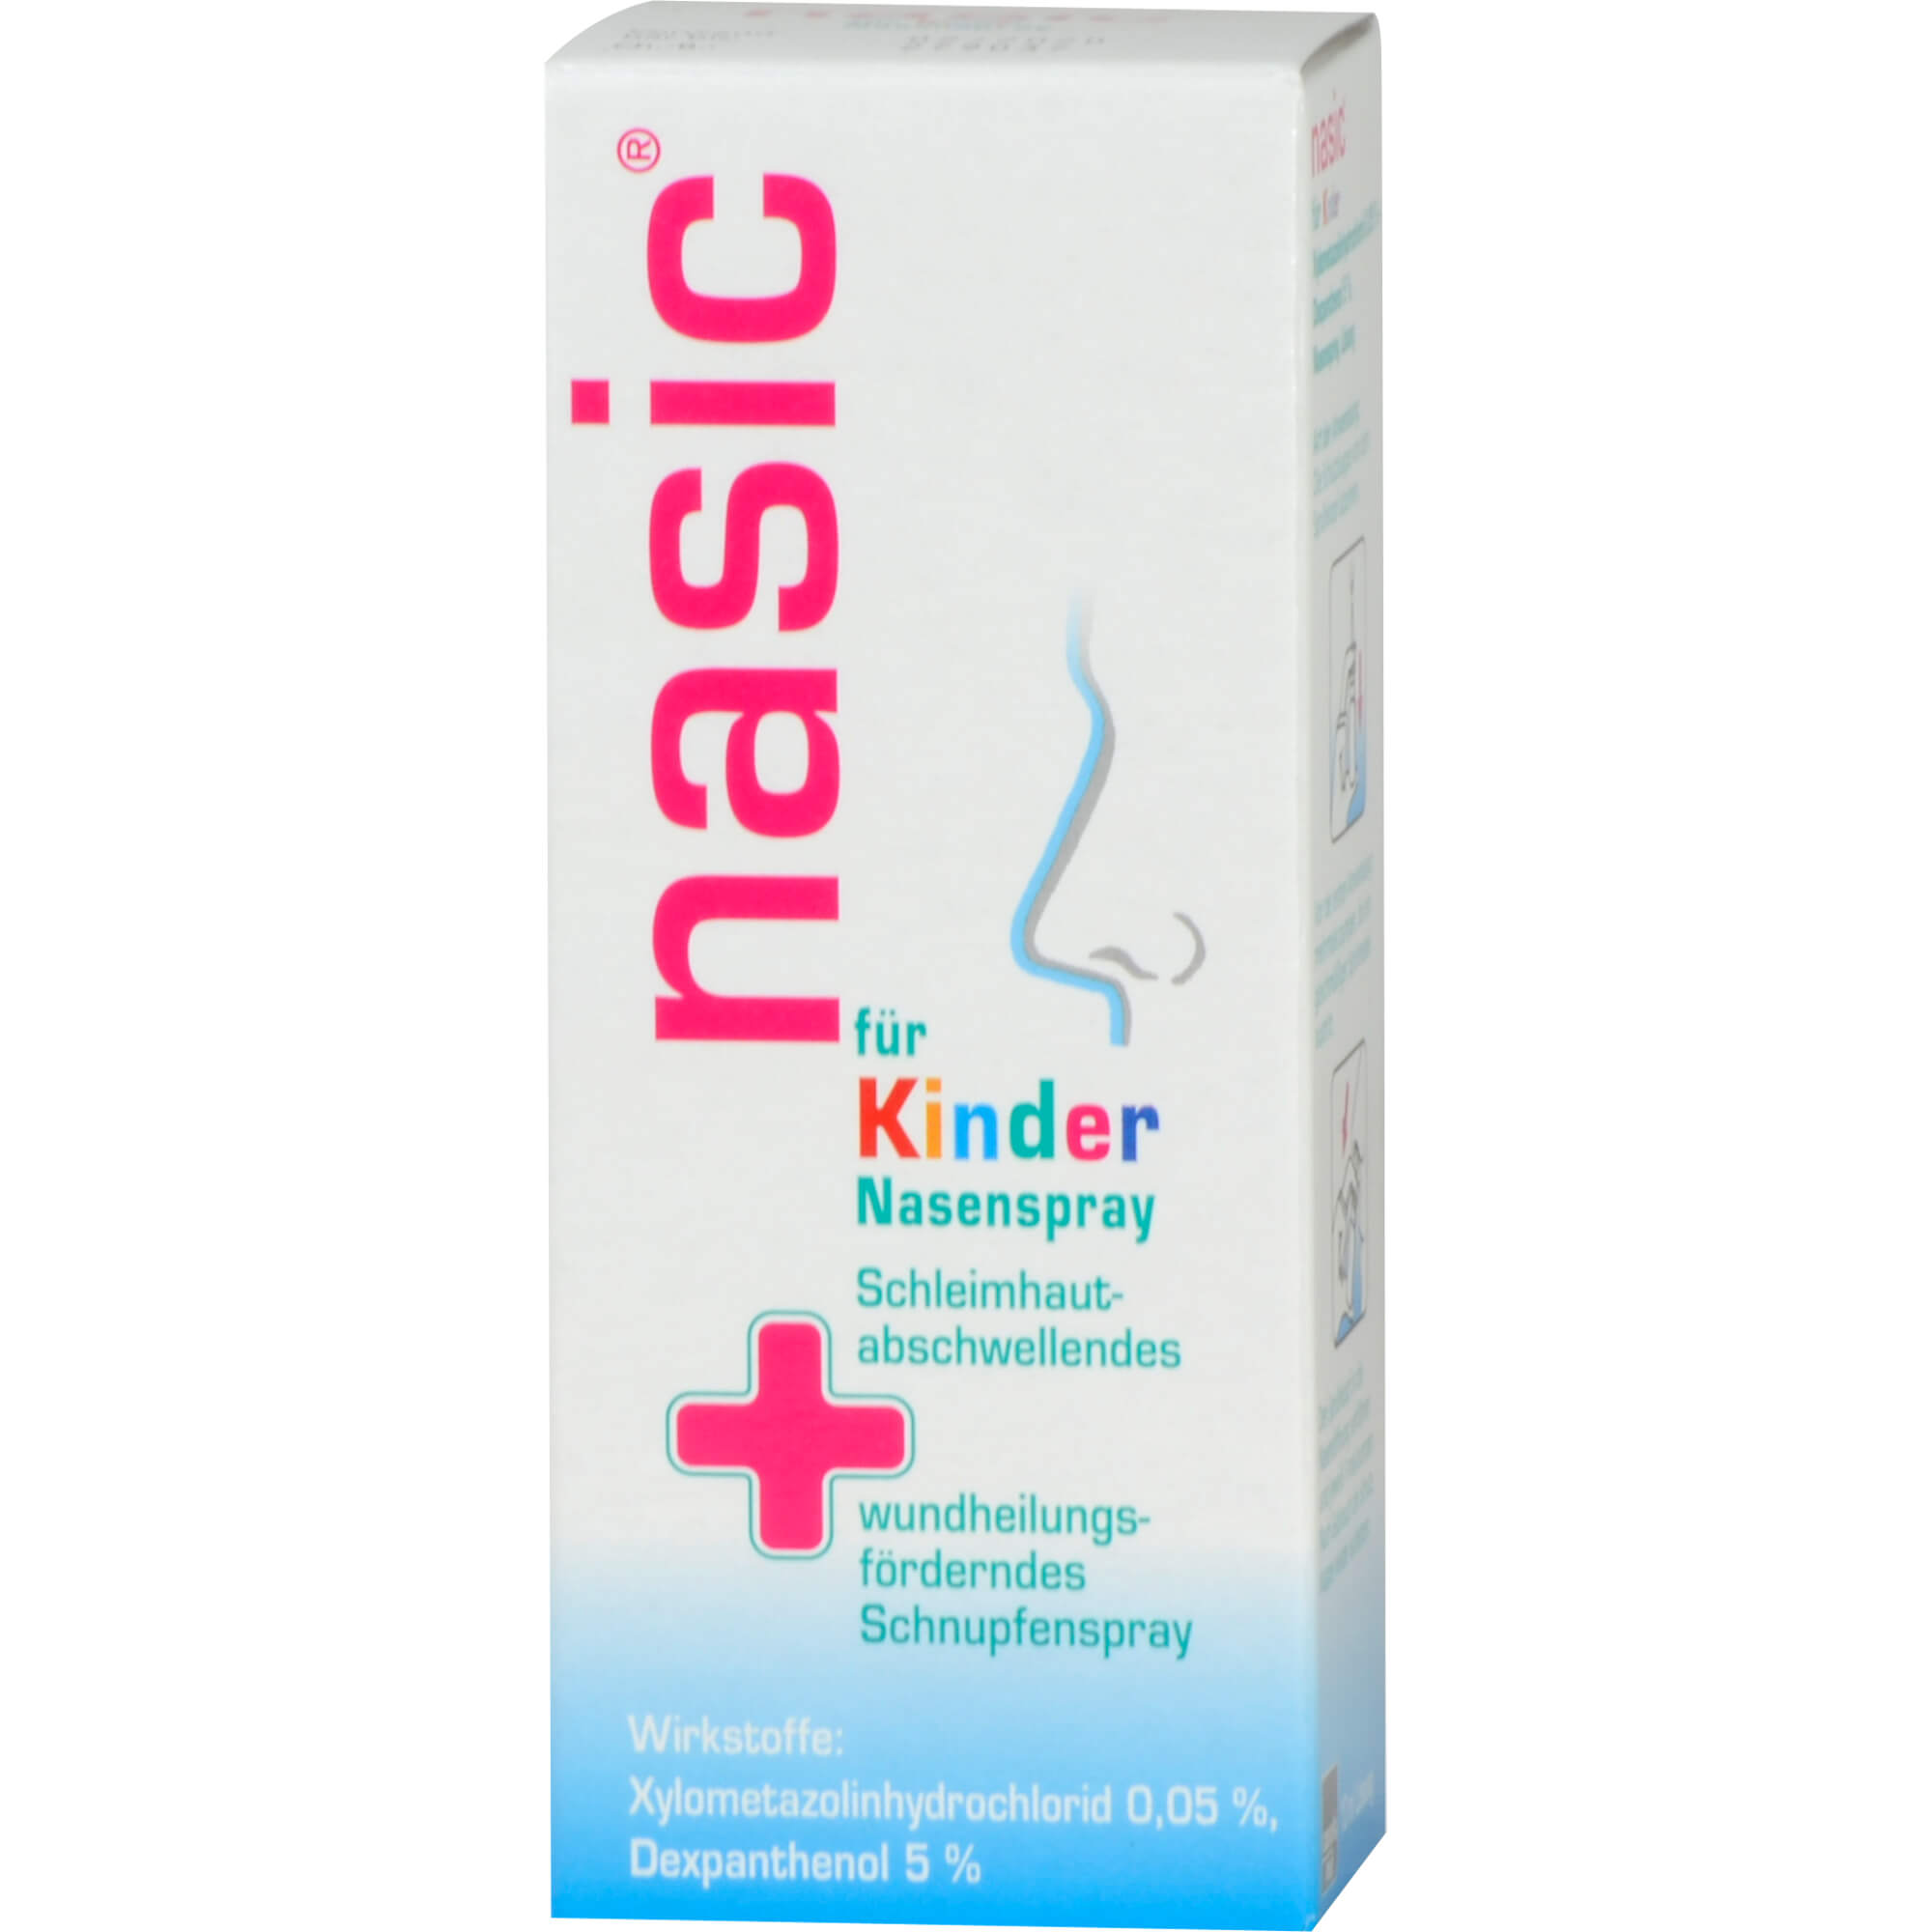 NASIC-fuer-Kinder-Nasenspray